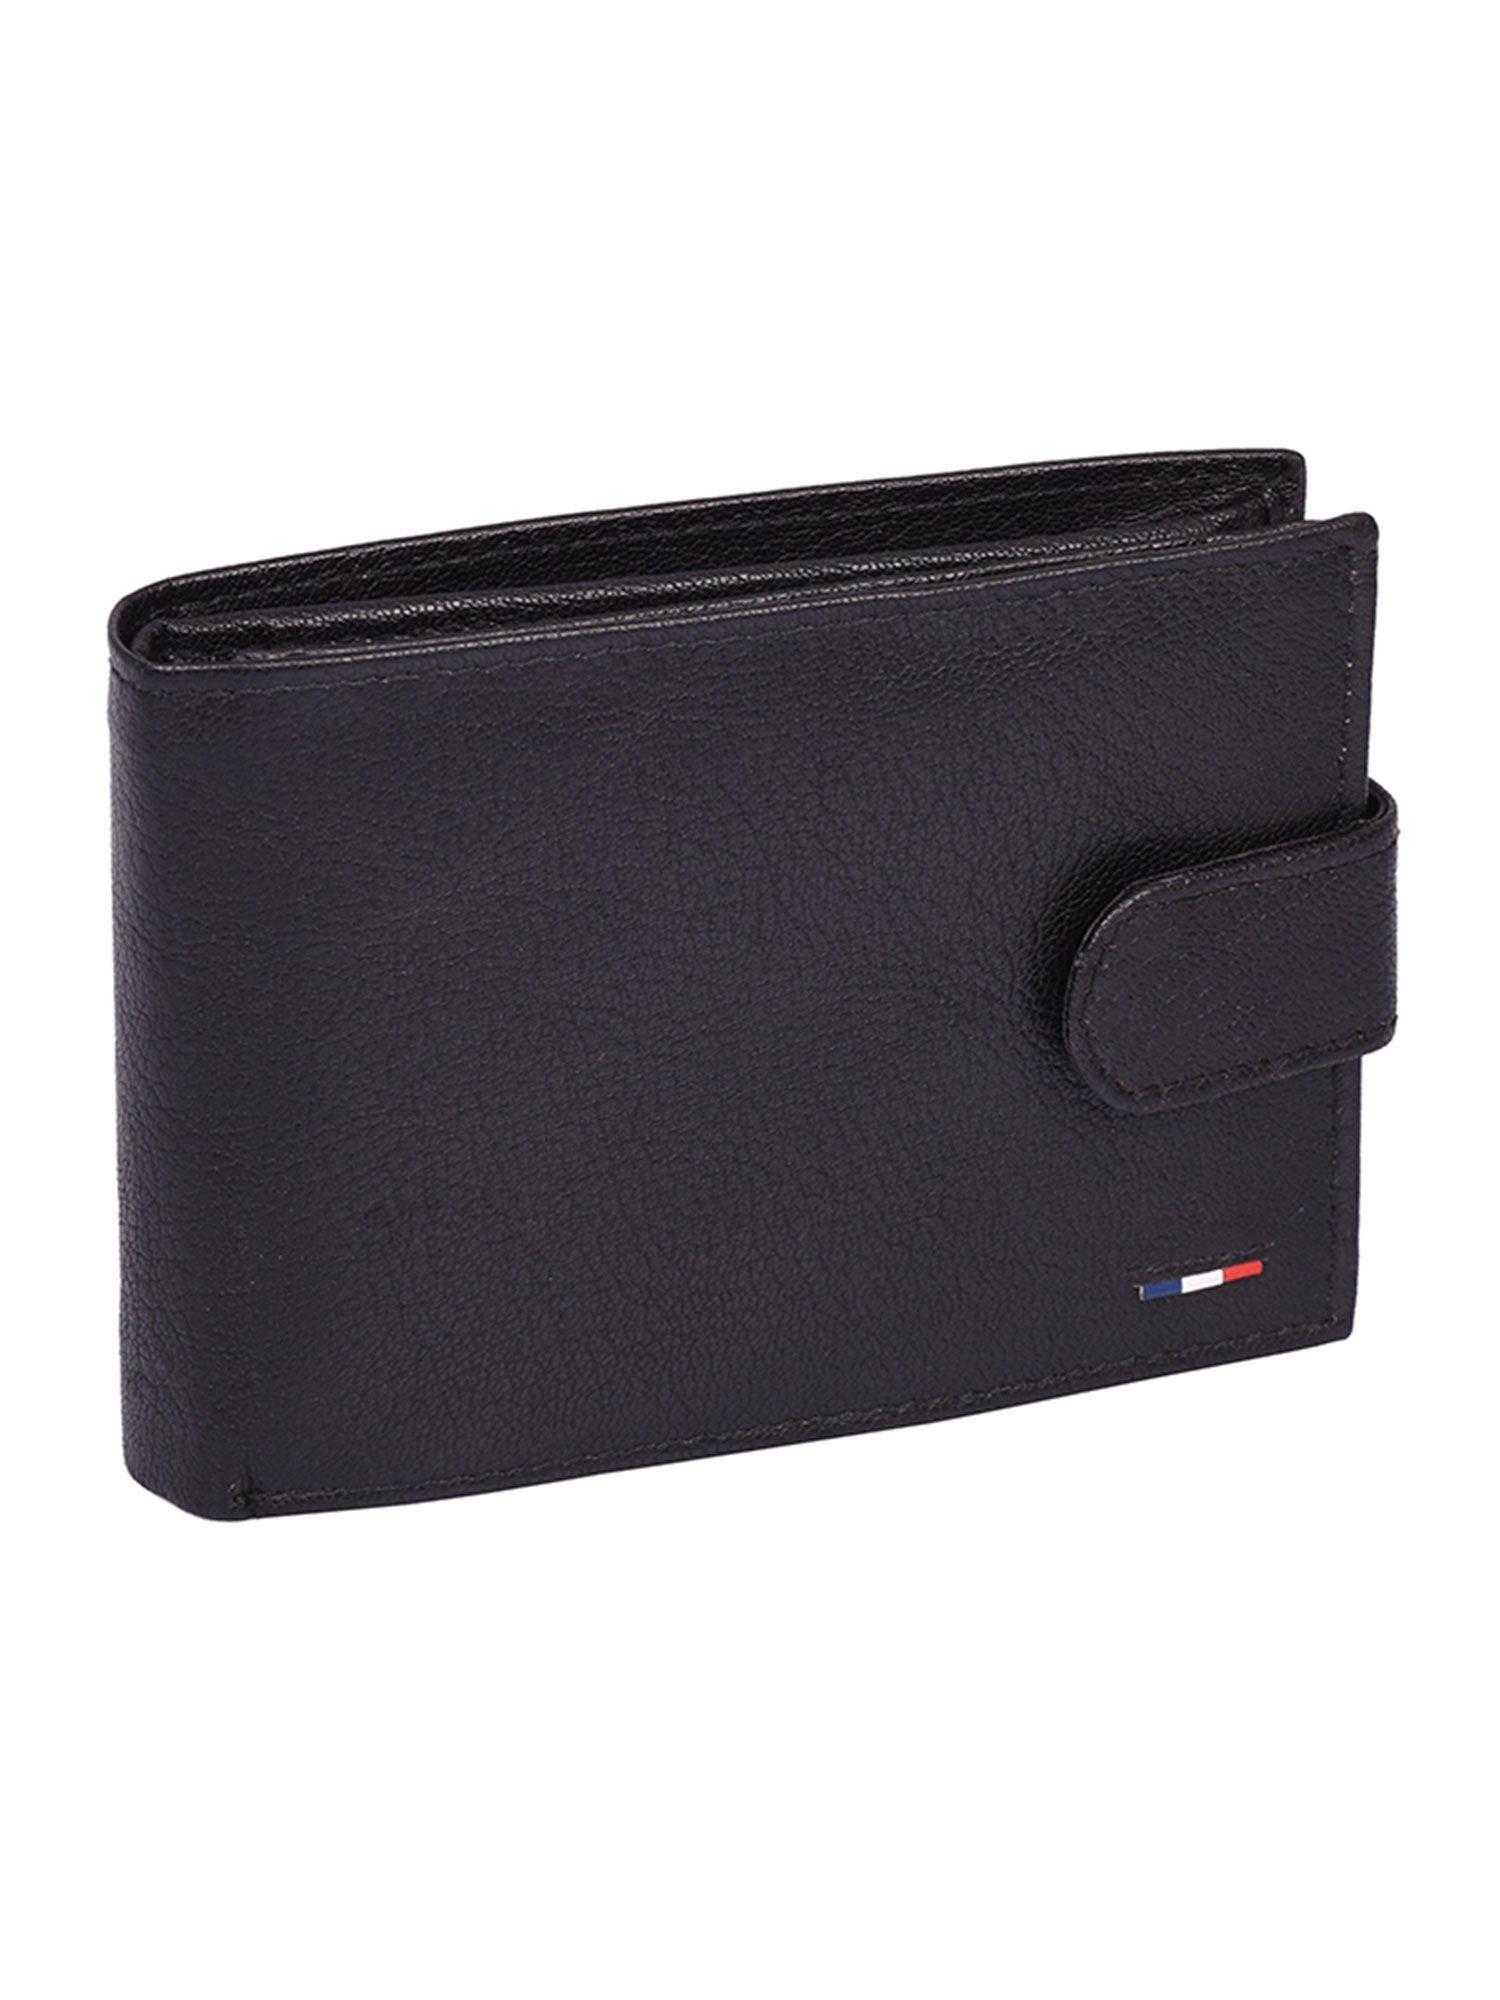 94a0c36d0fb97 Czarny poziomy portfel skórzany dla mężczyzny zapinany - Mężczyźni ...